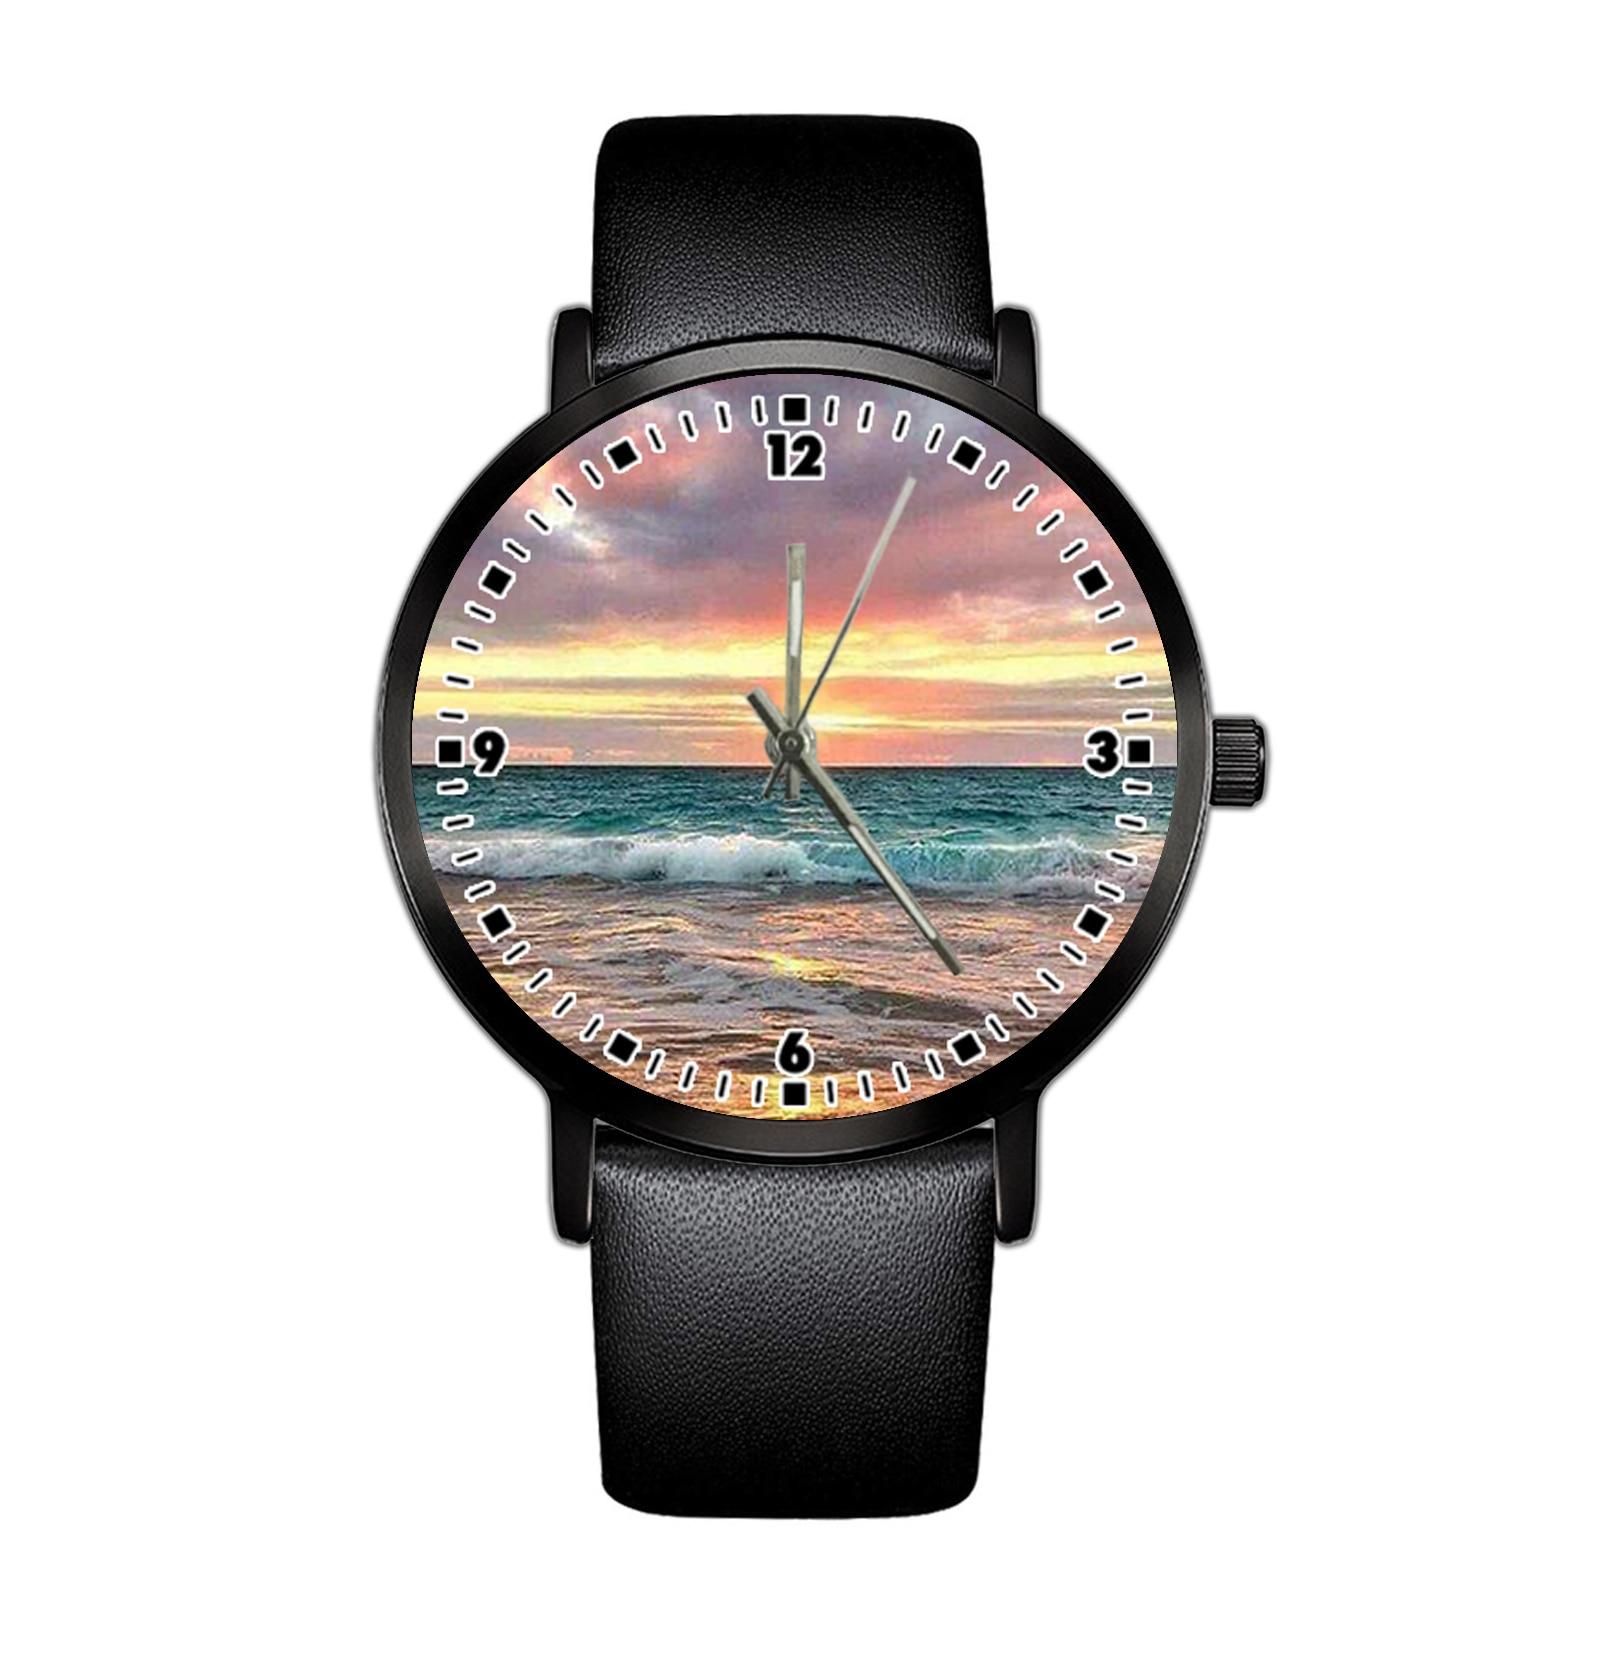 2021 الرجال الحد الأدنى موضة ساعة كوارتز حزام جلد الكوارتز أنيقة رقيقة جدا ساعة الأعمال ساعة تصميم بسيط Fa